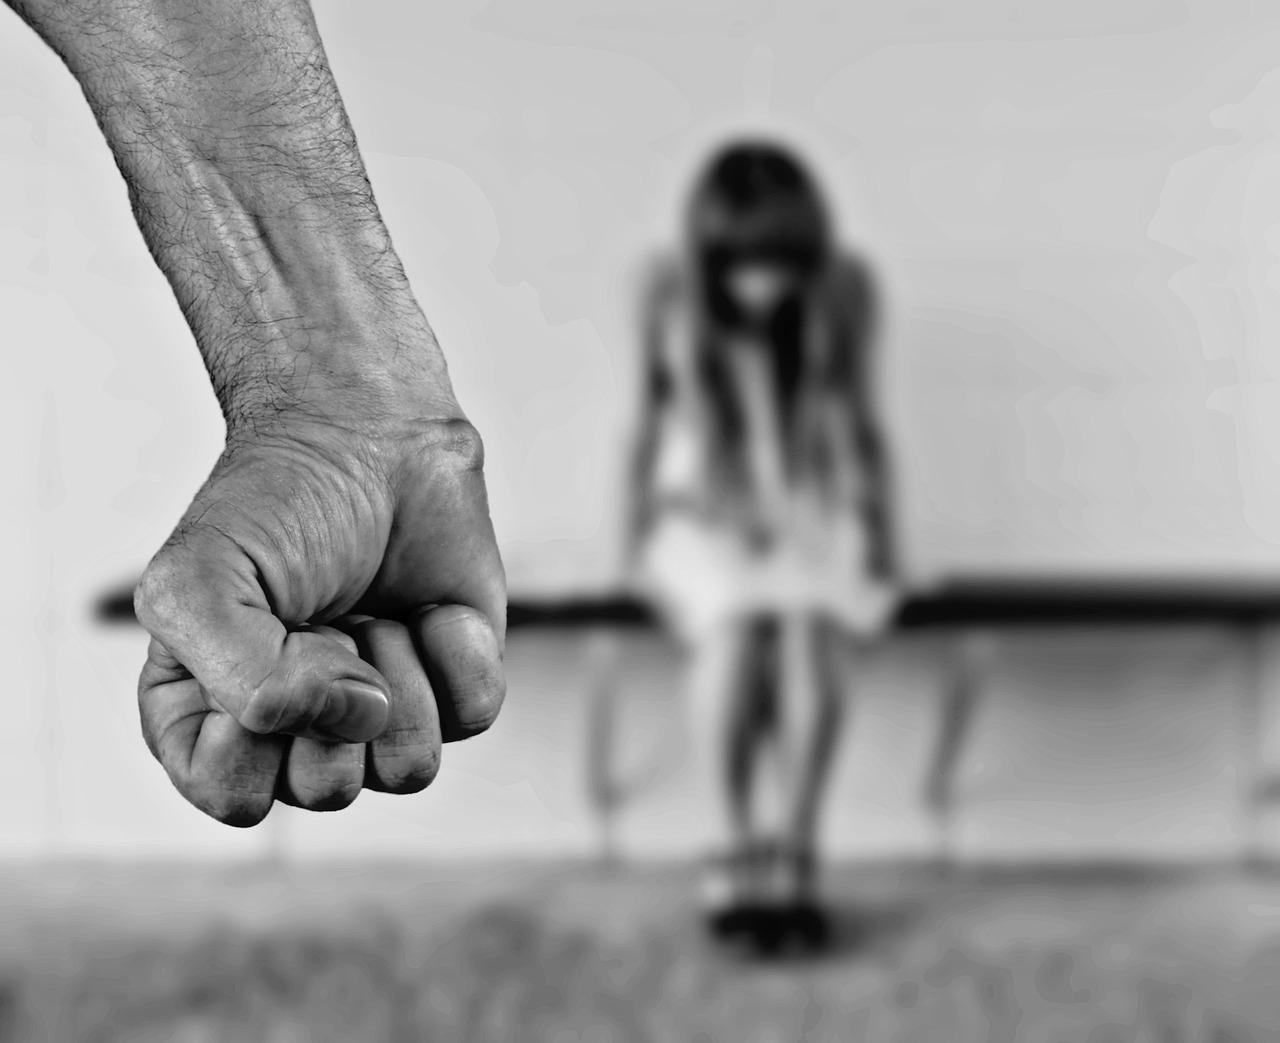 Palestra tratou de violência contra crianças e adolescentes